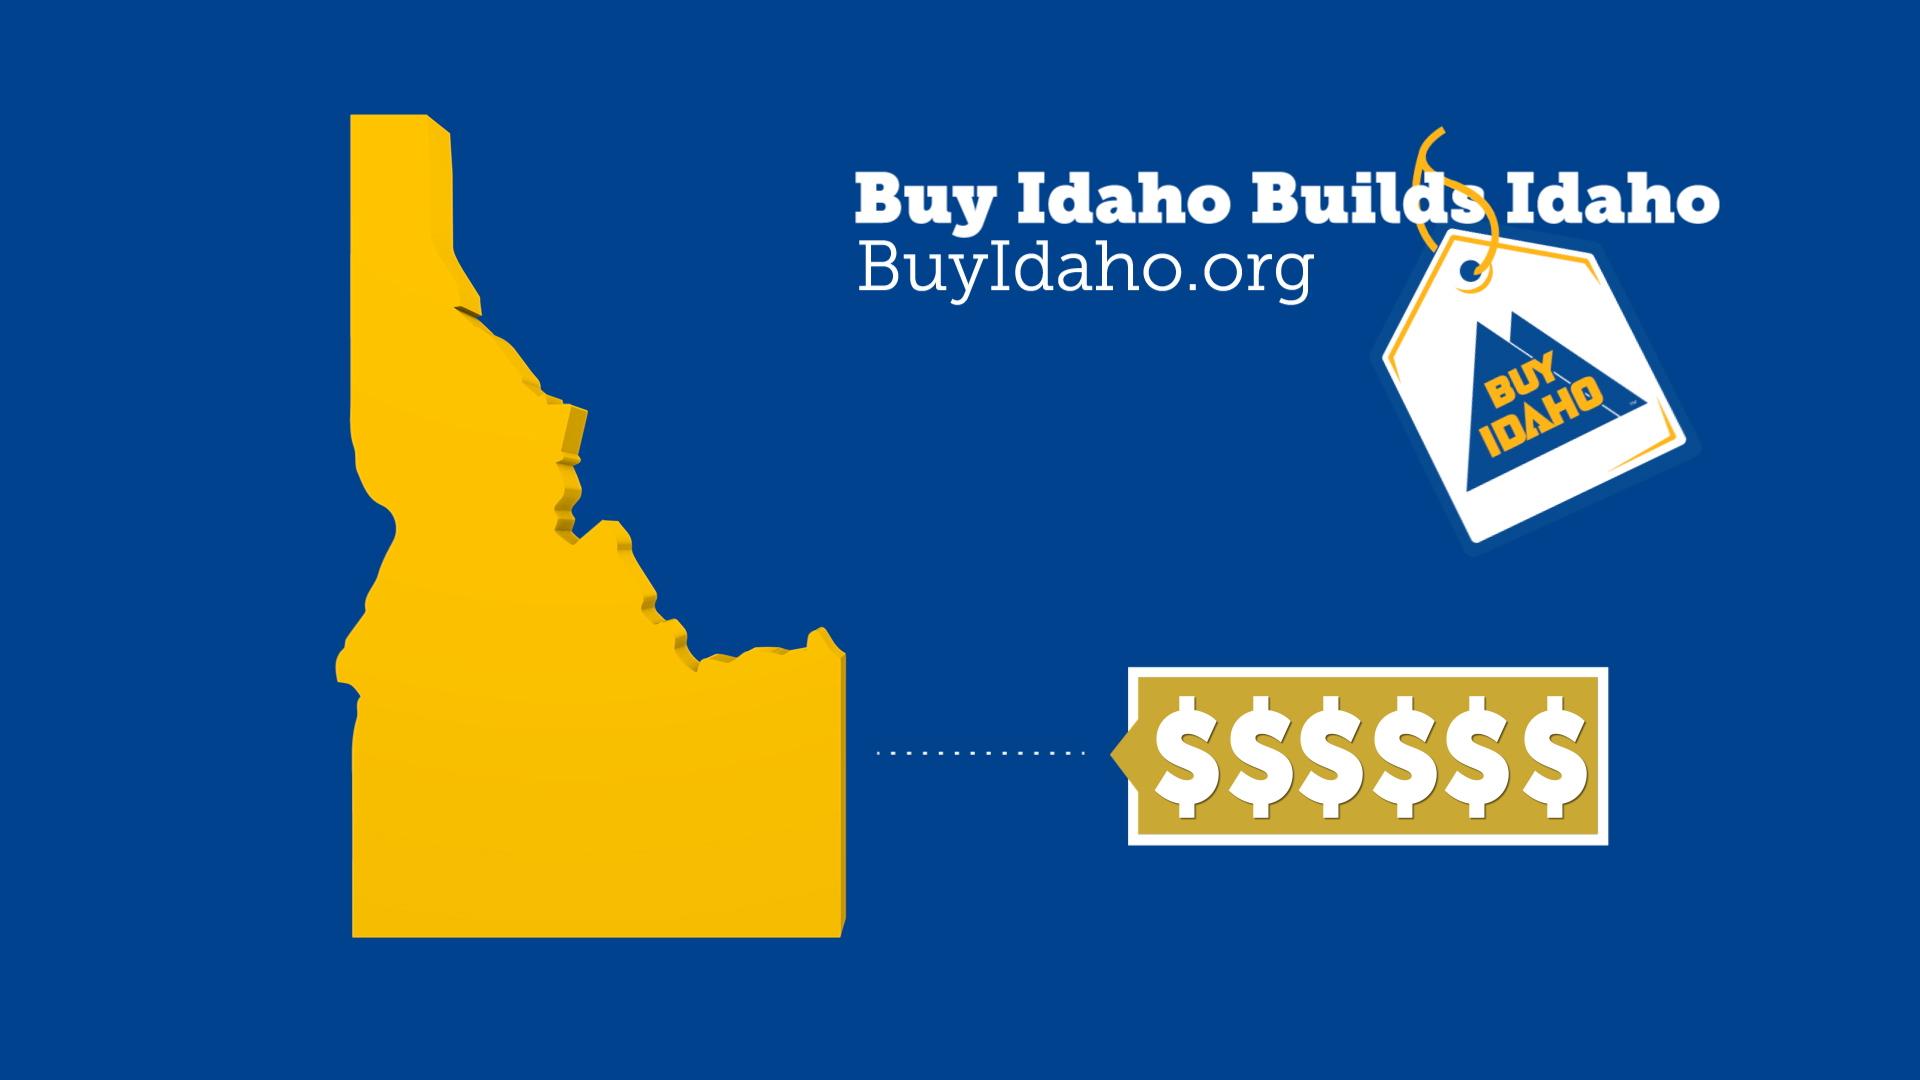 Buy Idaho TV PSA